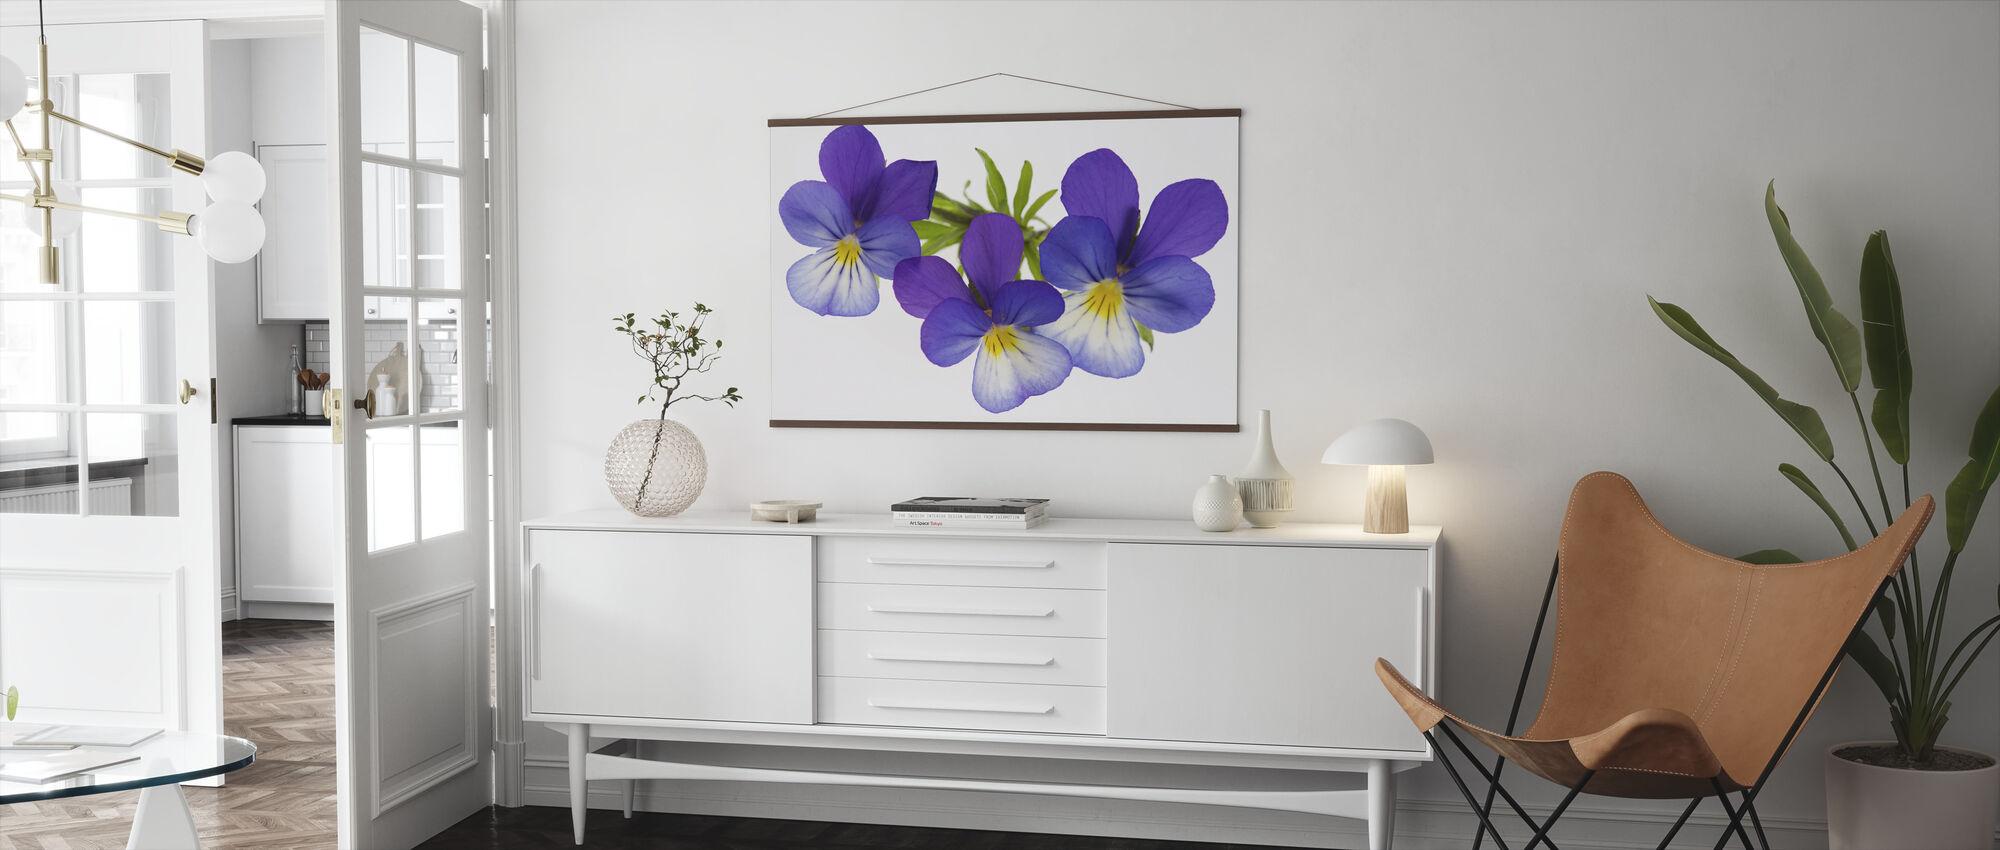 Purple Pansies - Poster - Living Room